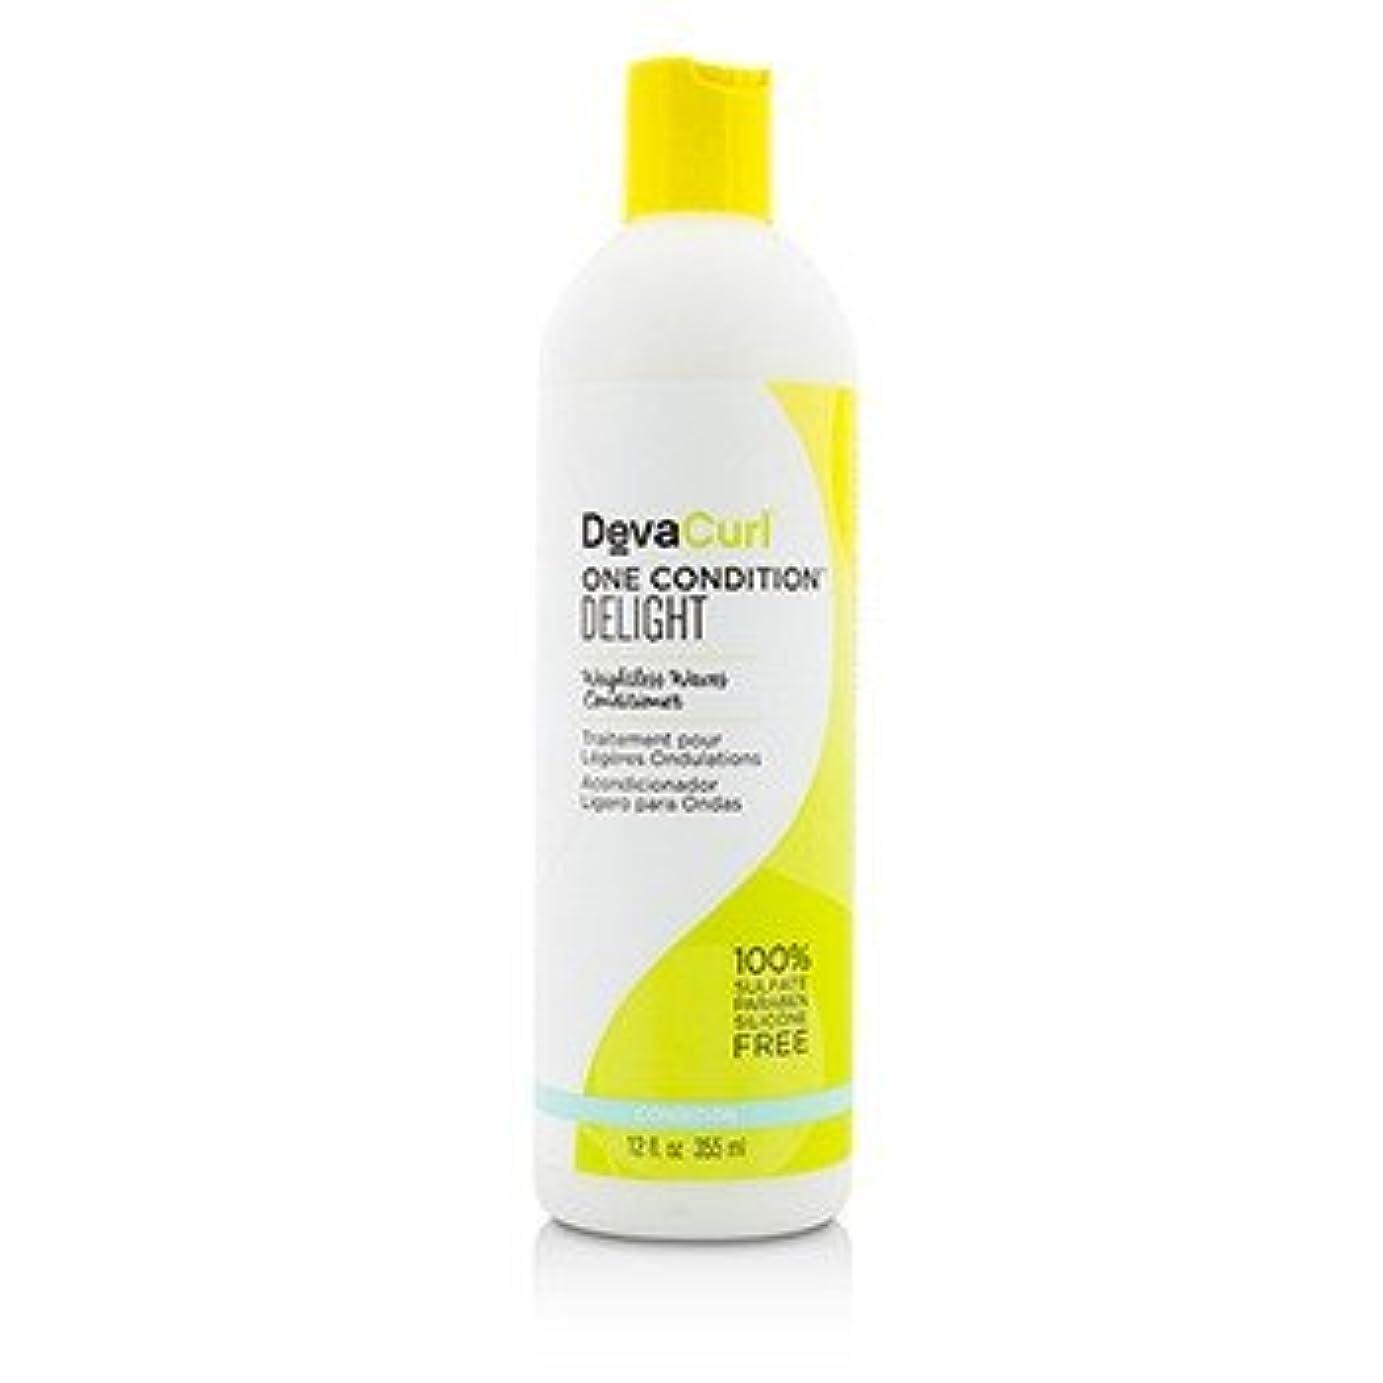 生き残ります根拠引き潮[DevaCurl] One Condition Delight (Weightless Waves Conditioner - For Wavy Hair) 355ml/12oz